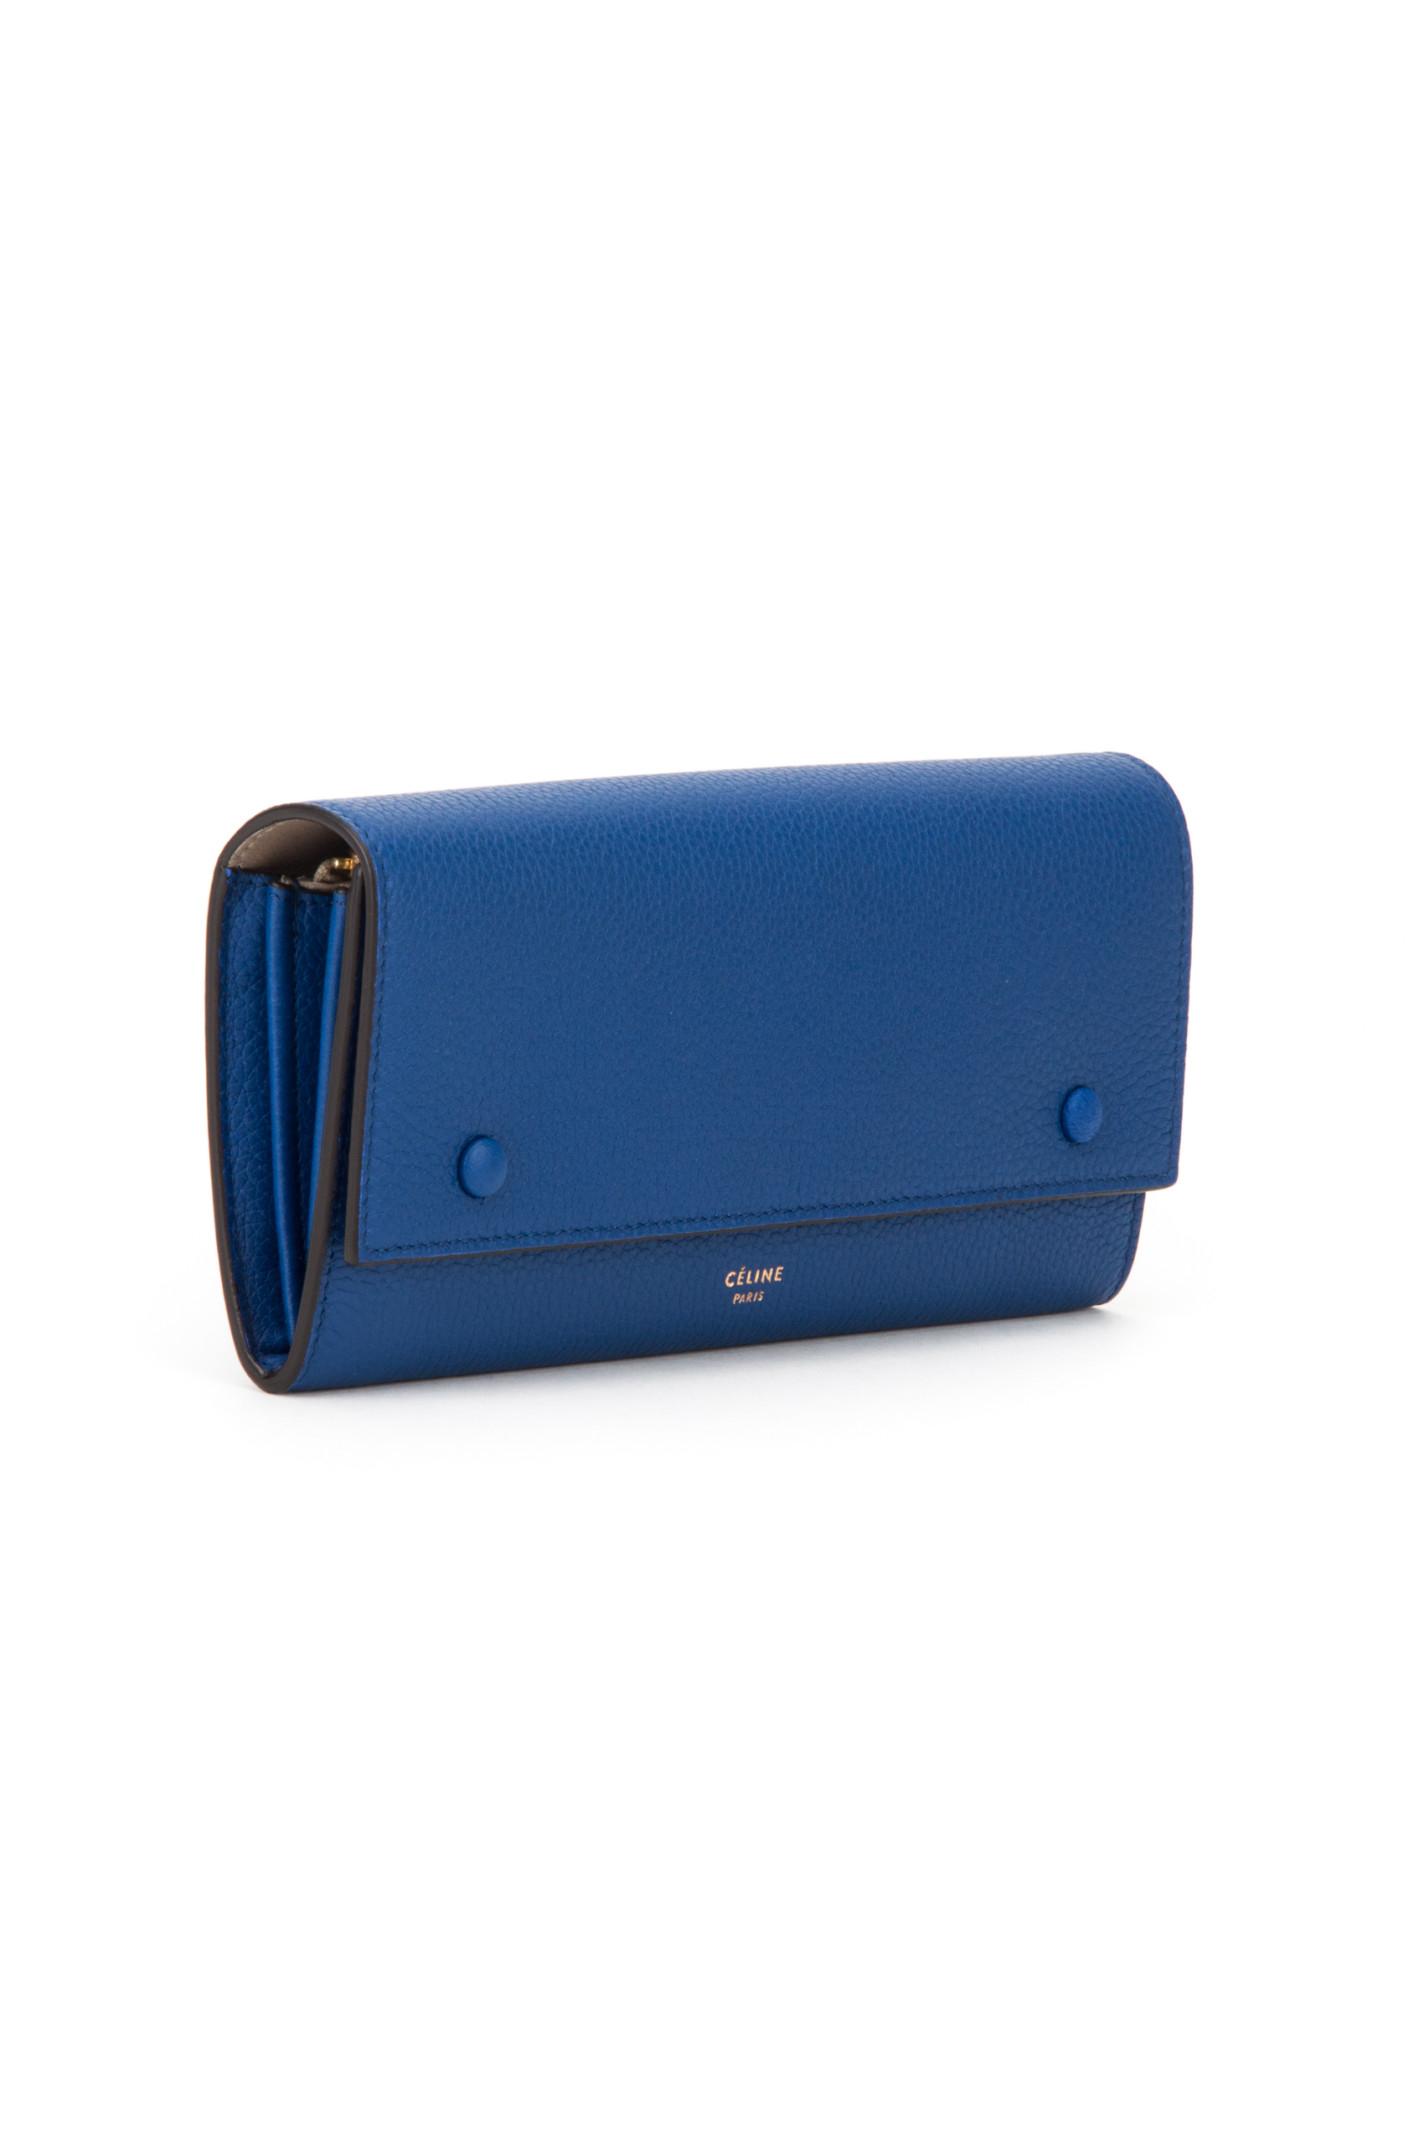 black celine handbag - celine blue leather multifunction tri fold wallet, celine bag costs